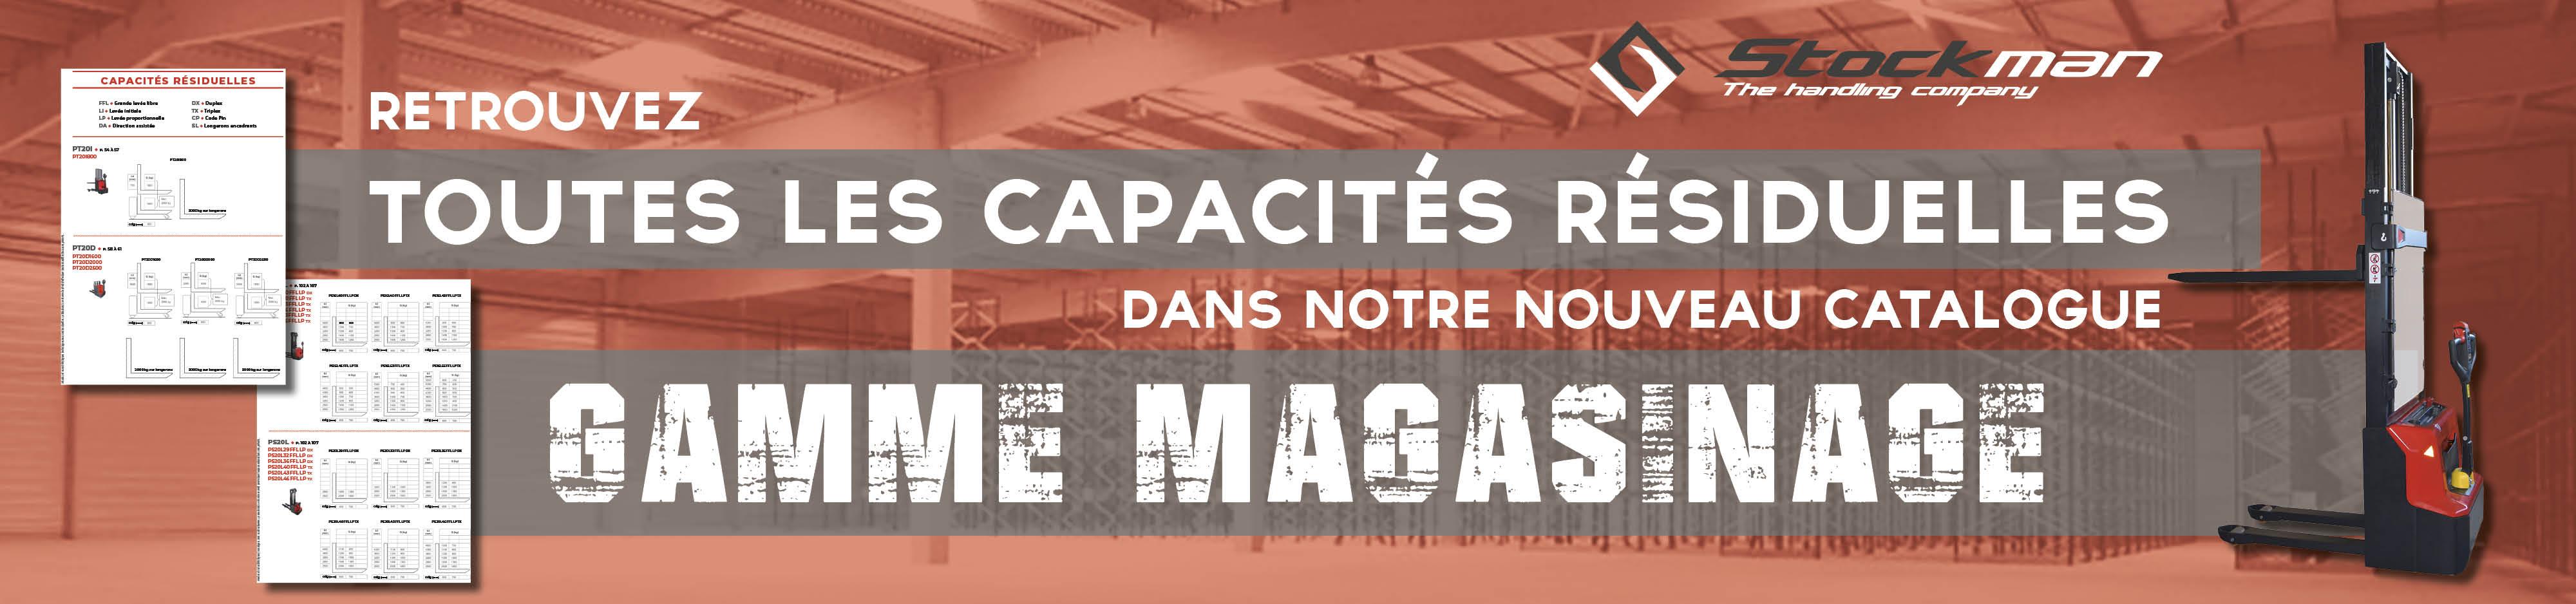 https://www.stockman.fr/actualites/detail/les-capacites-residuelles-essentielles-a-connaitre-pour-toute-operation-de-magasinage--83.aspx?